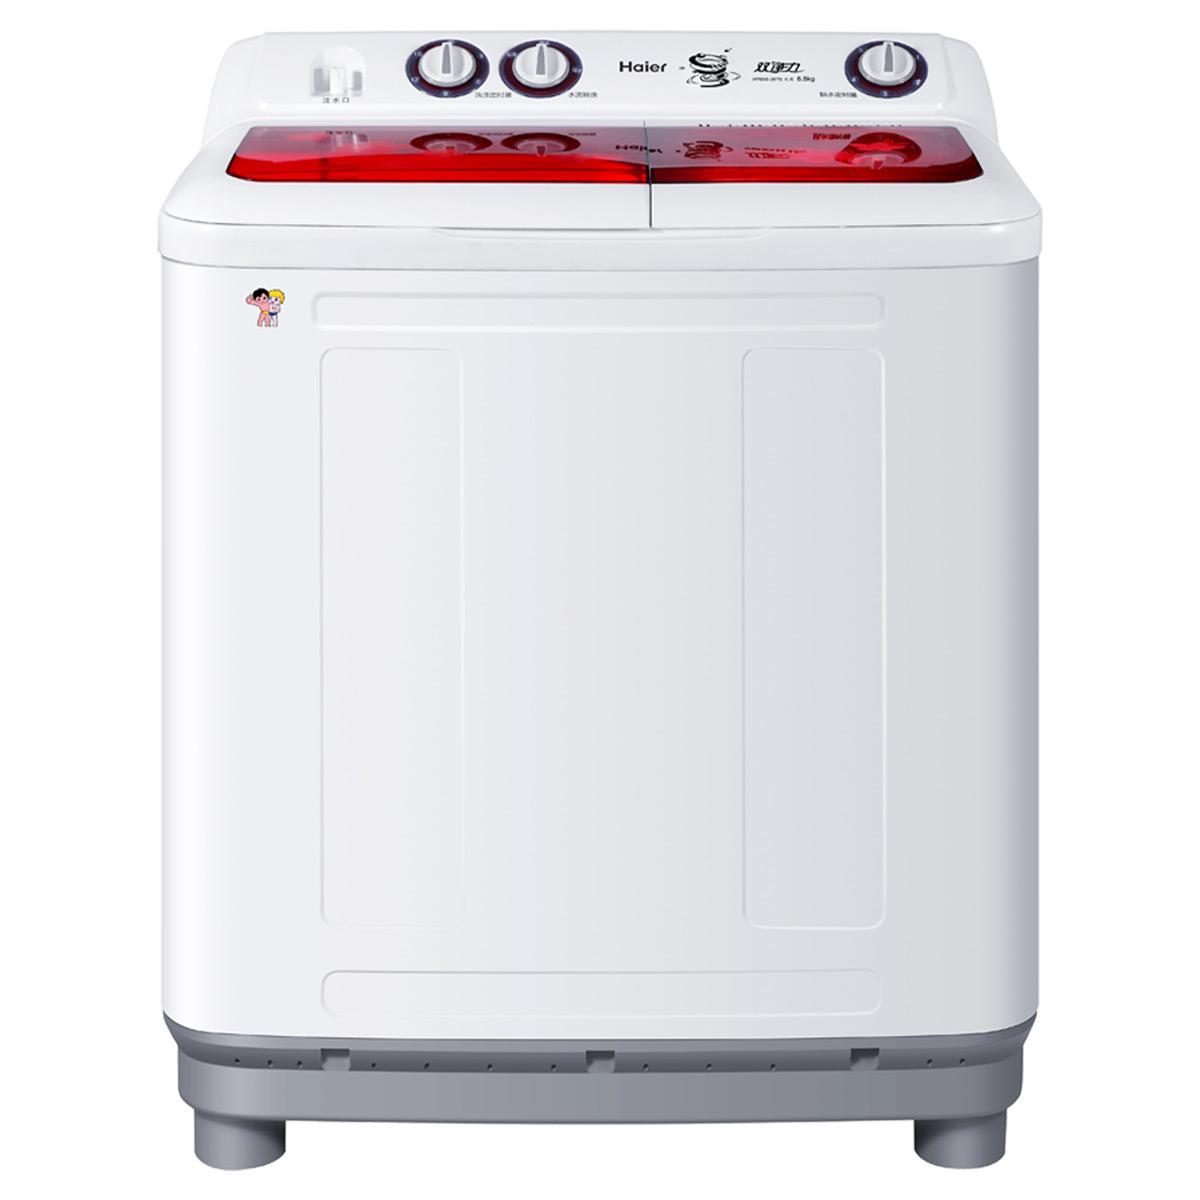 海尔波轮洗衣机 xpb85-287s